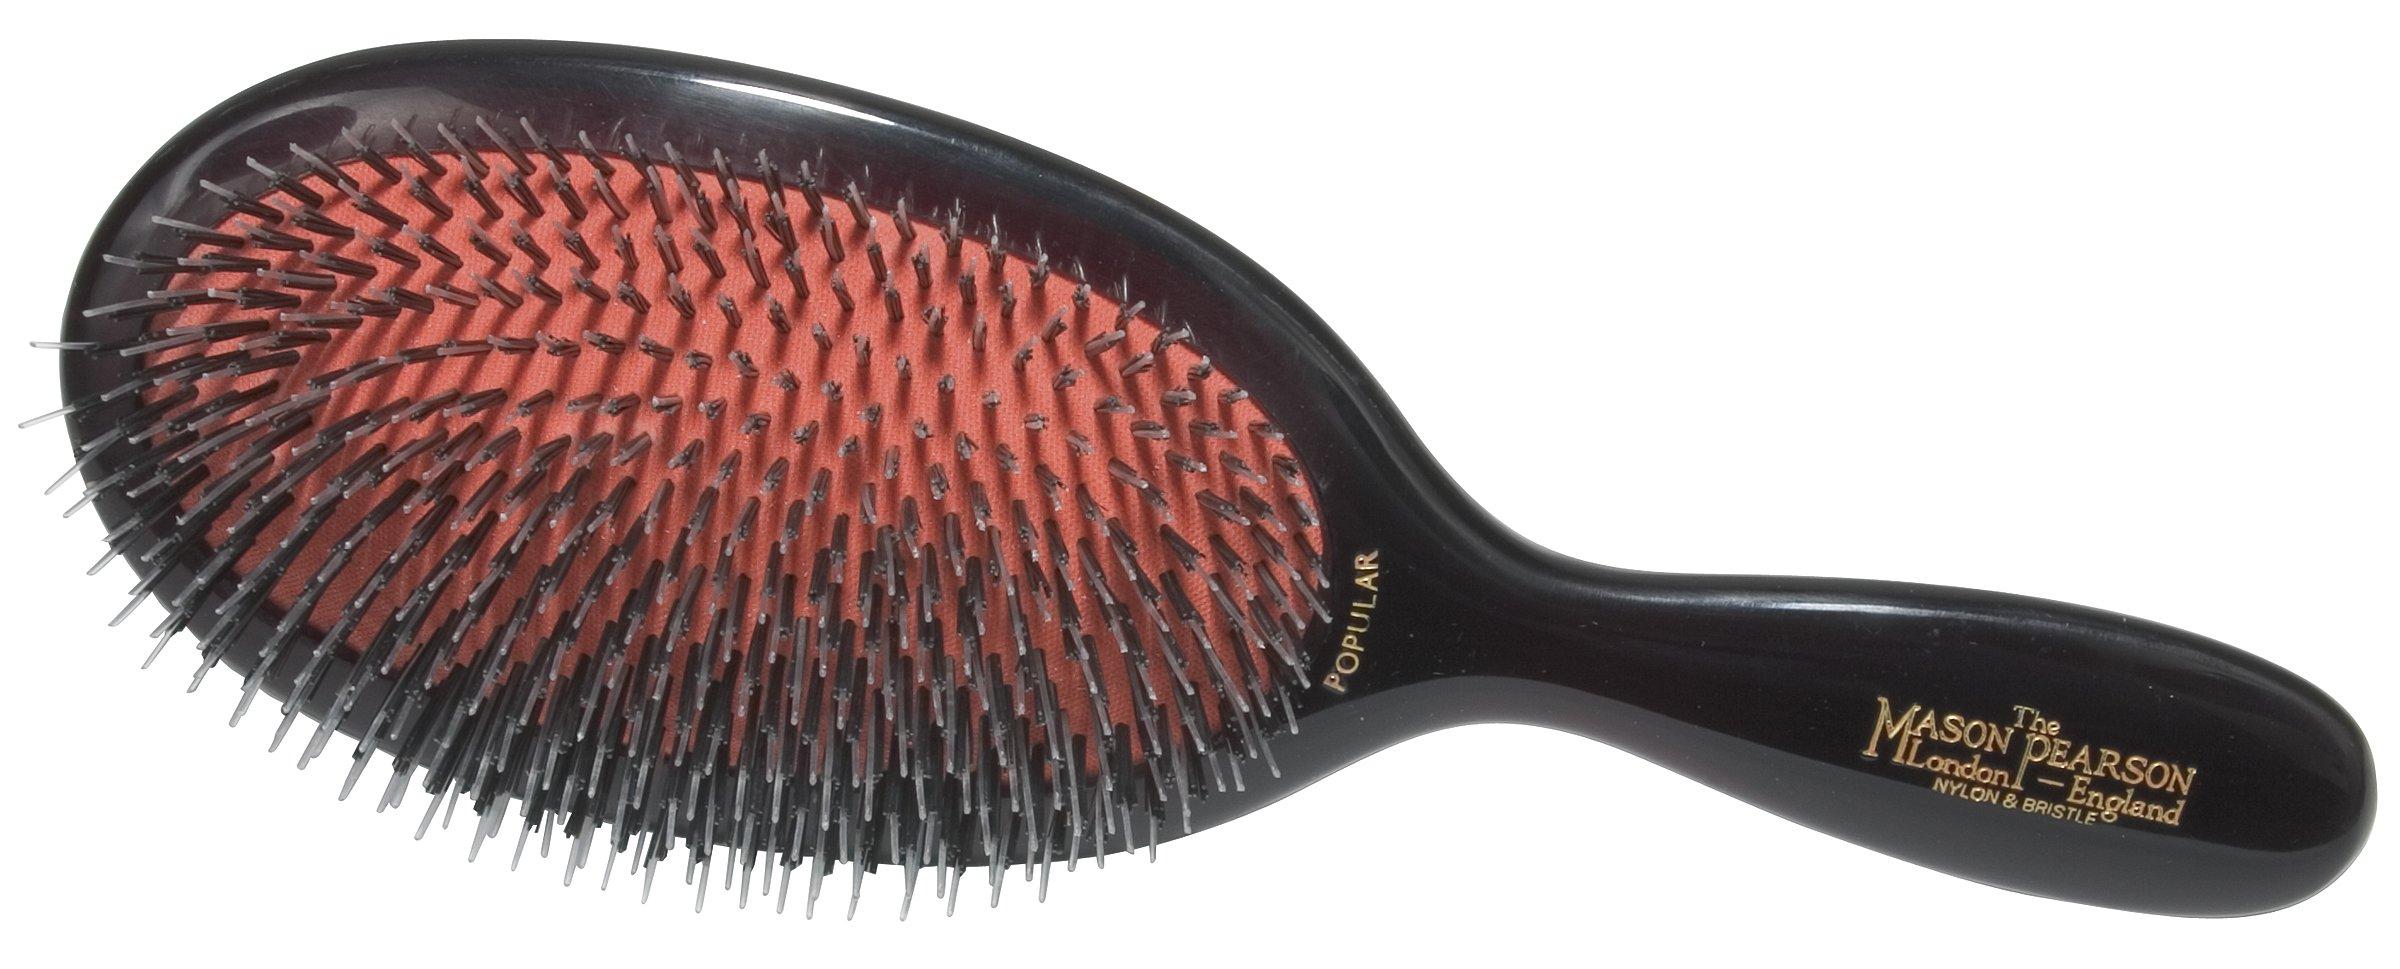 Mason Pearson Popular Mixture Hair Brush by Mason Pearson